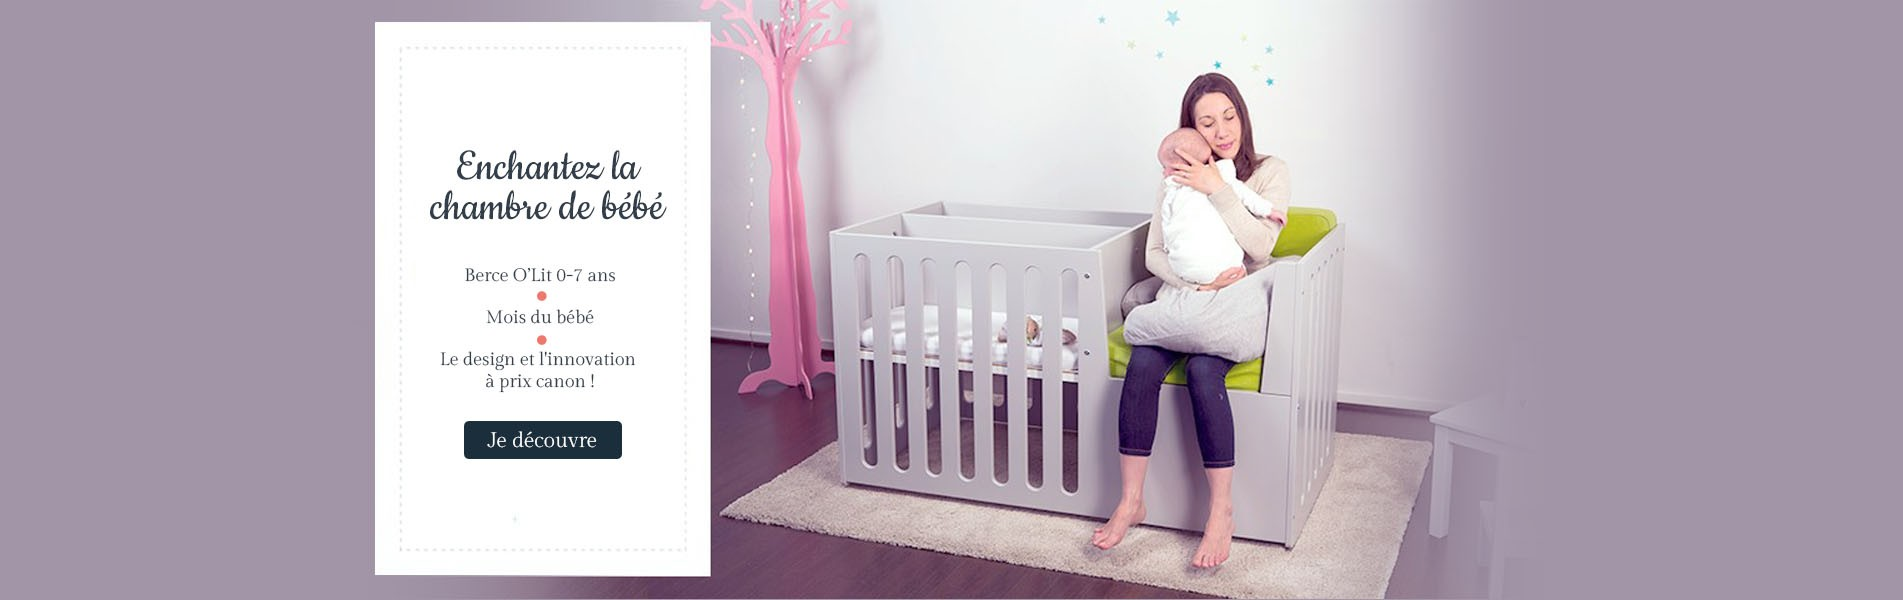 Enchantez la chambre de votre bébé